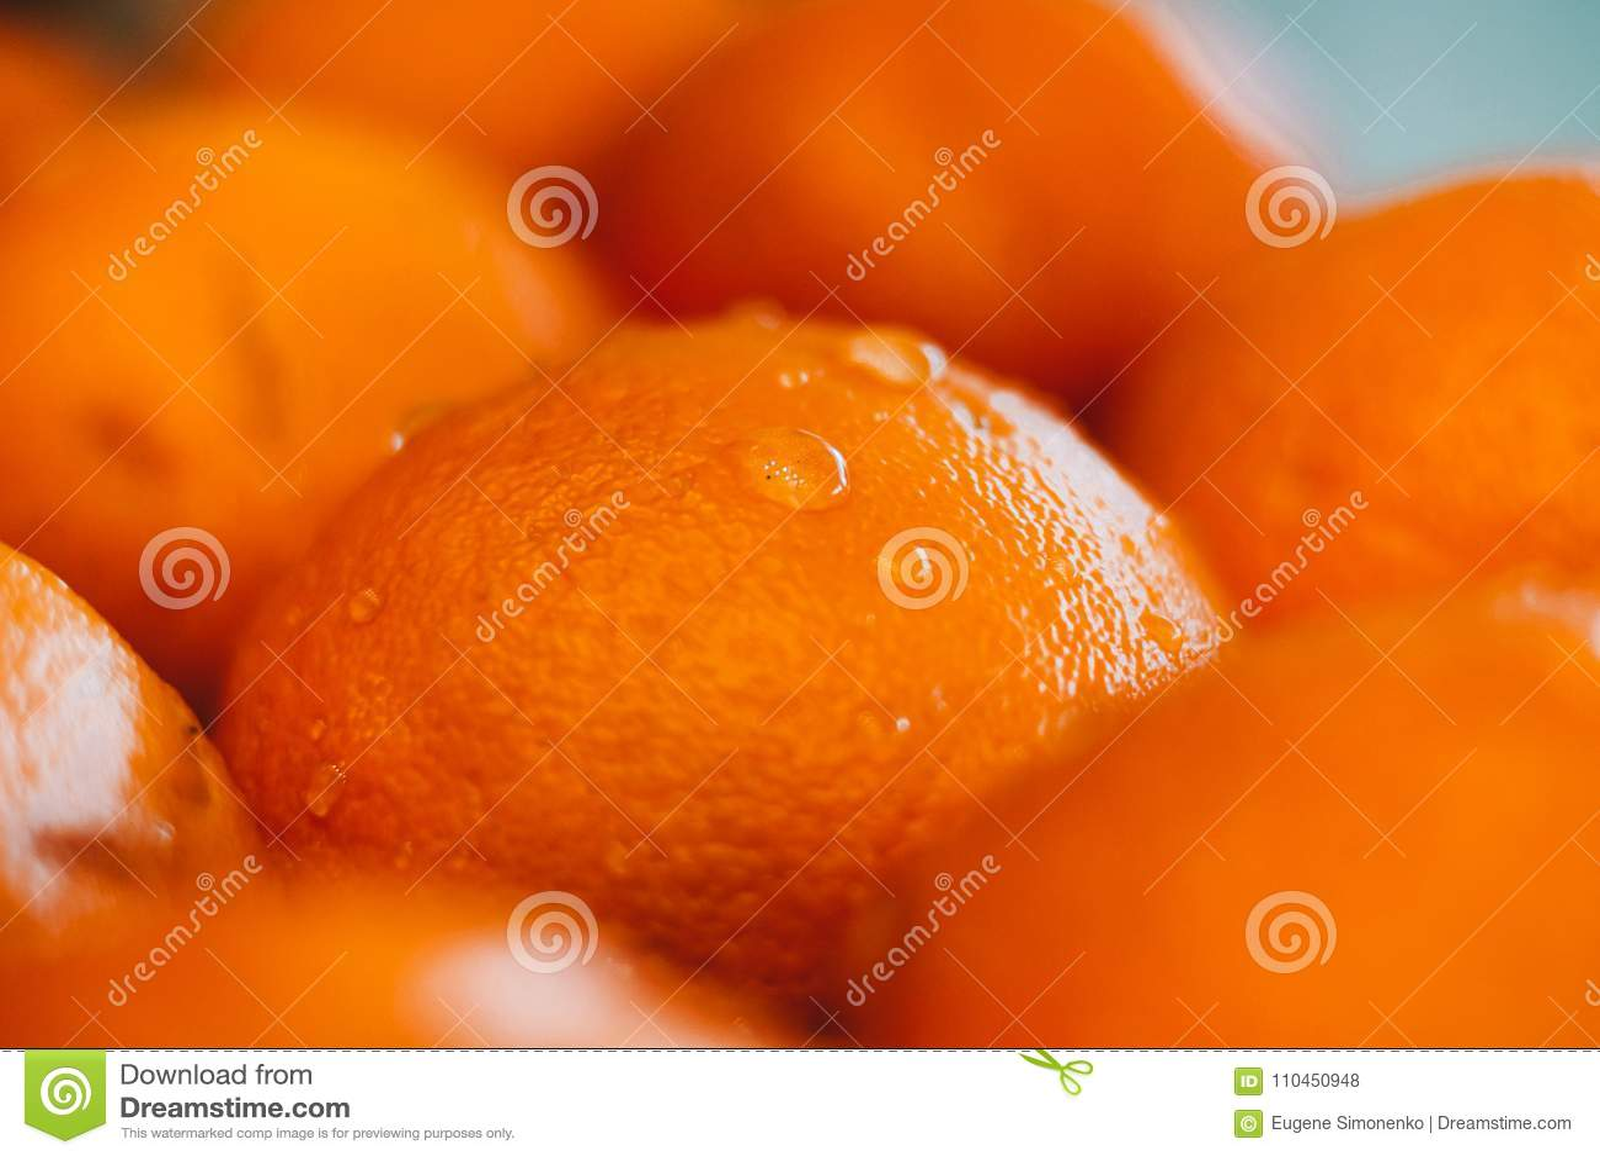 Bakgrund av orangen